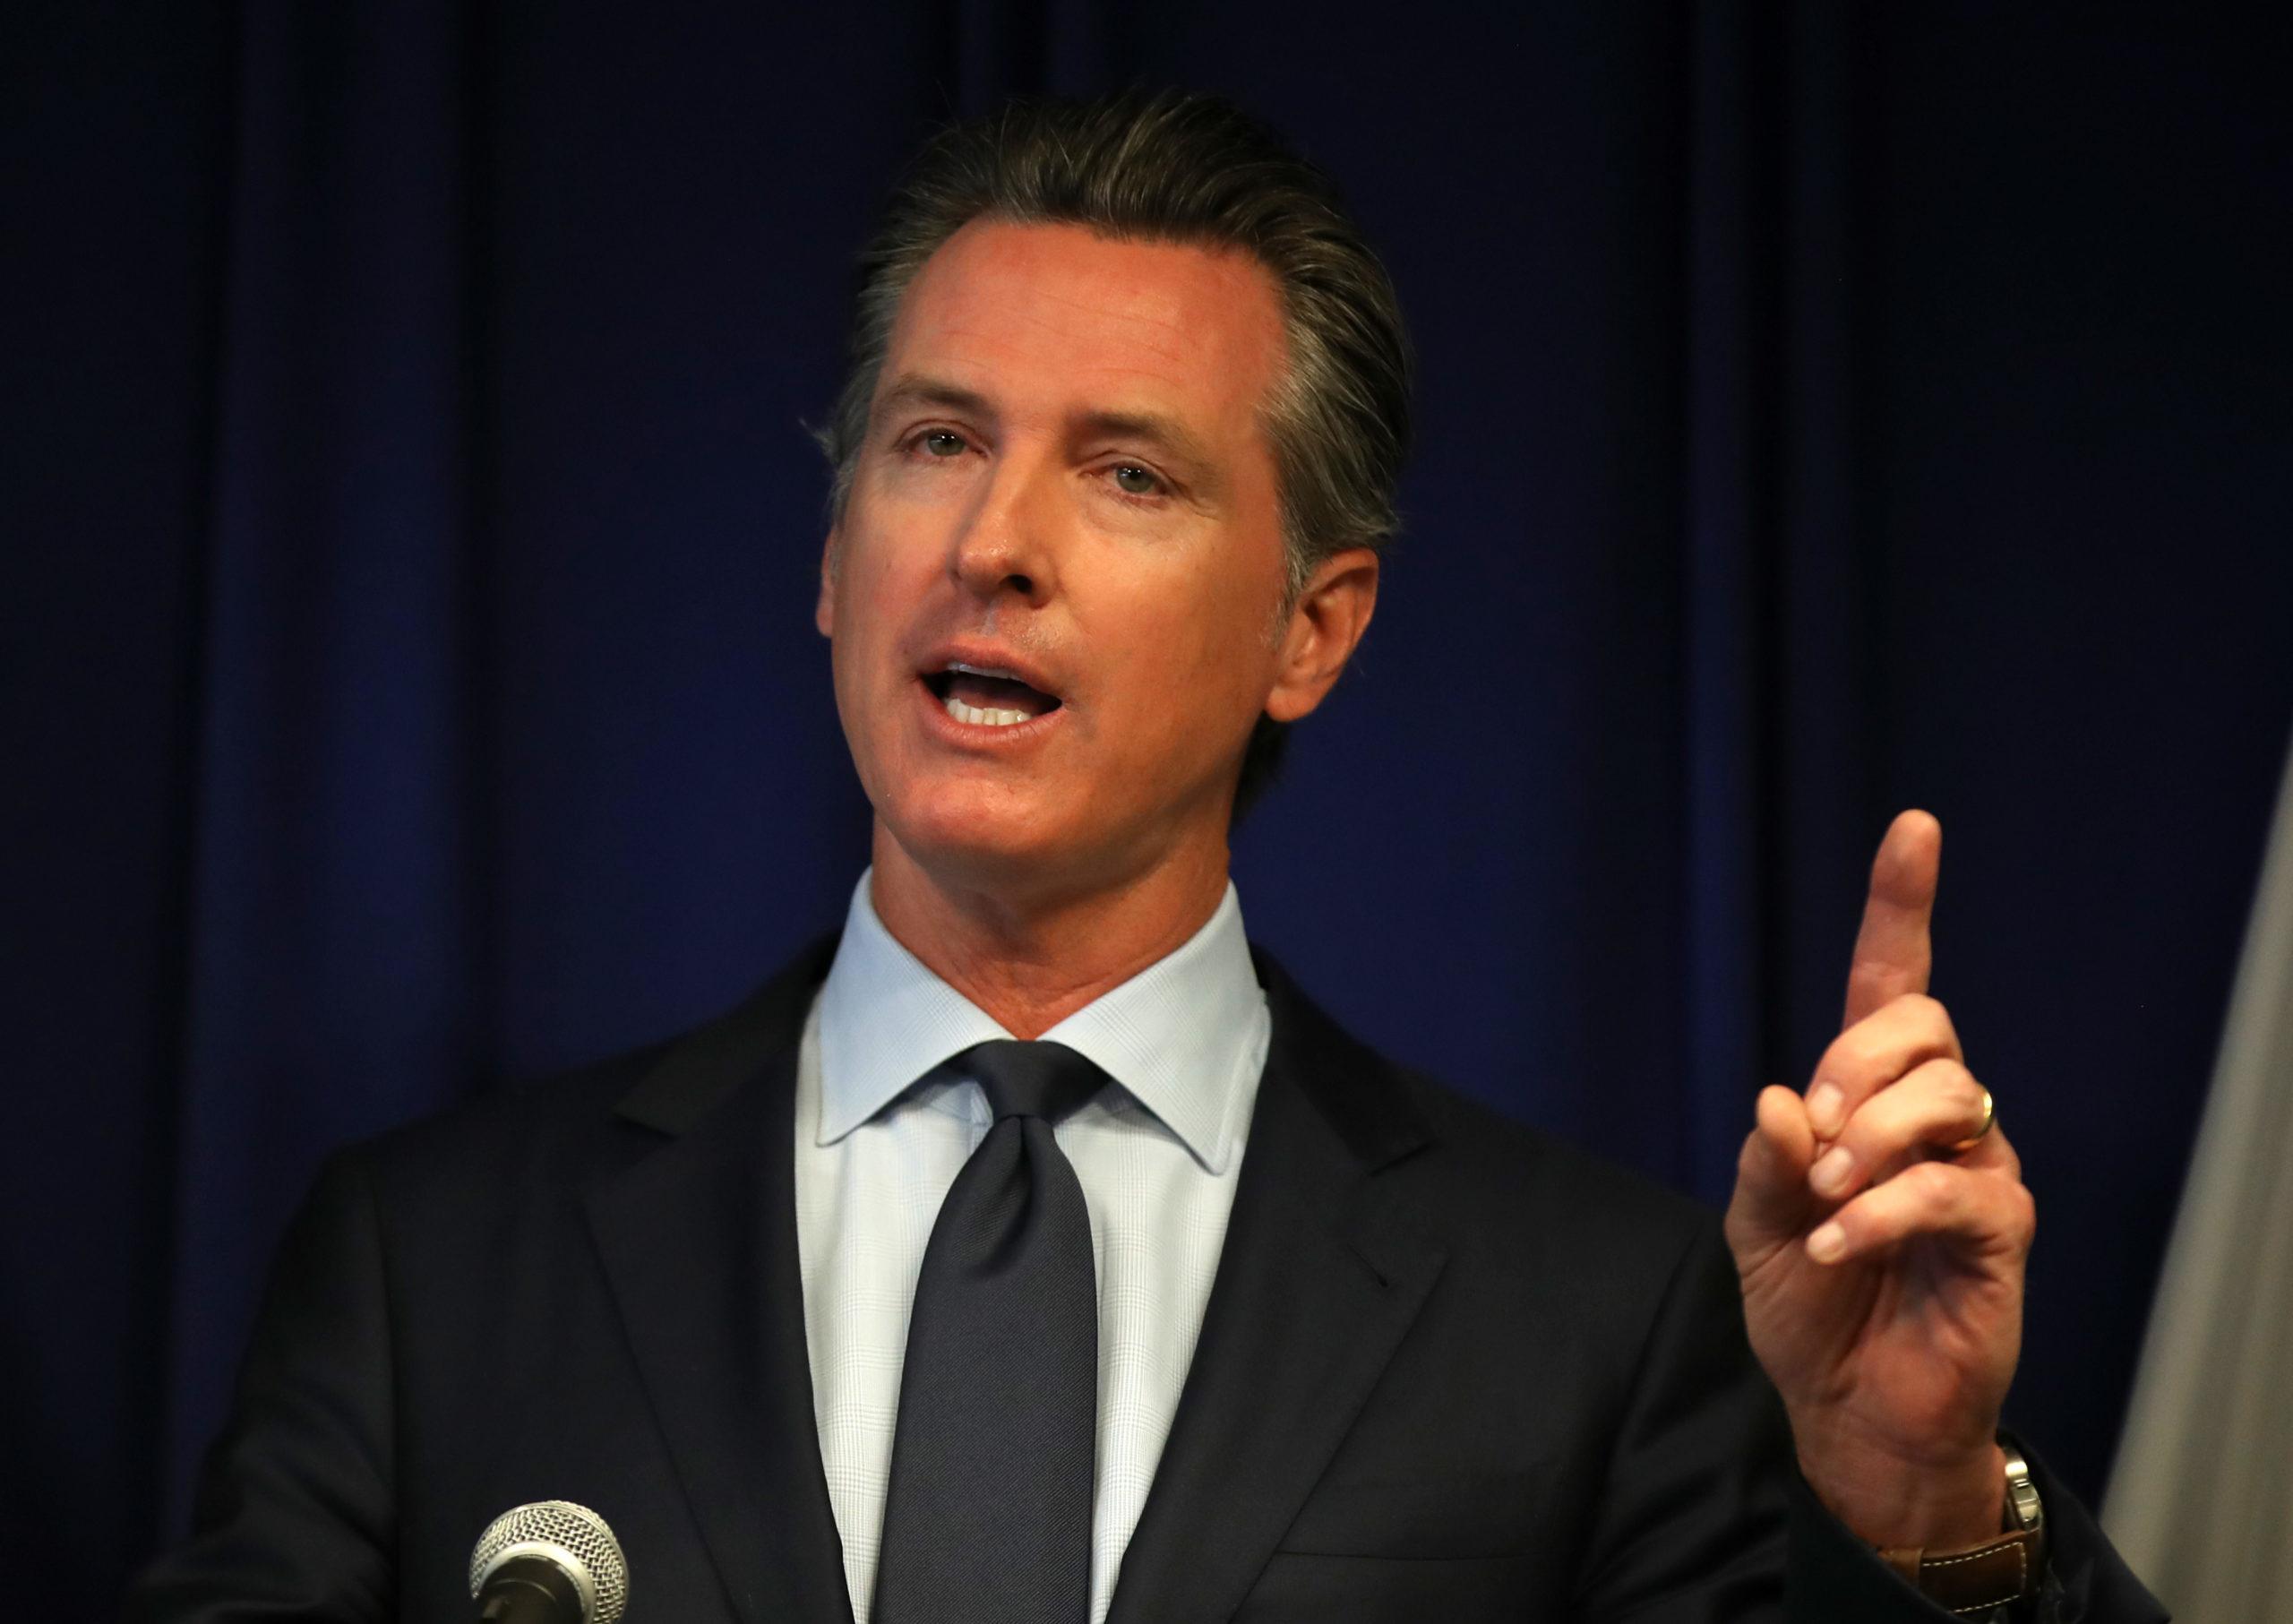 Le gouverneur de Californie, Gavin Newsom, a signé le projet de loi vendredi